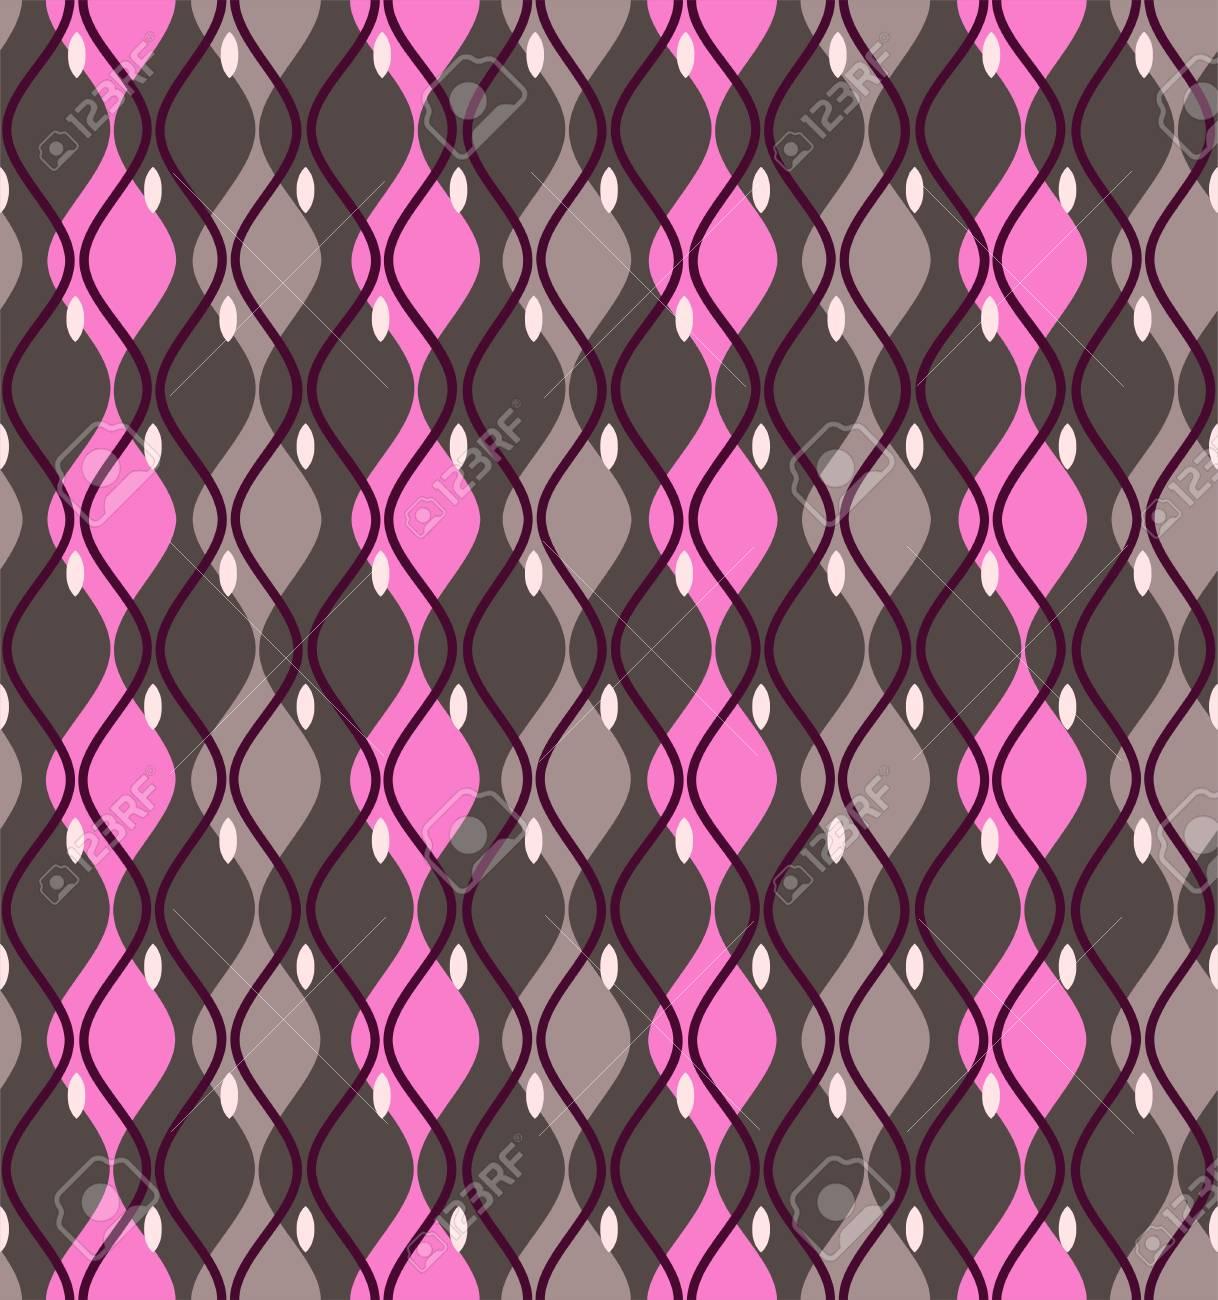 Curve Astratto Senza Soluzione Di Continuità Grigio Scuro Diamanti Rosa E Grigio Verticali Con Angoli Arrotondati Su Un Campo Grigio Scuro